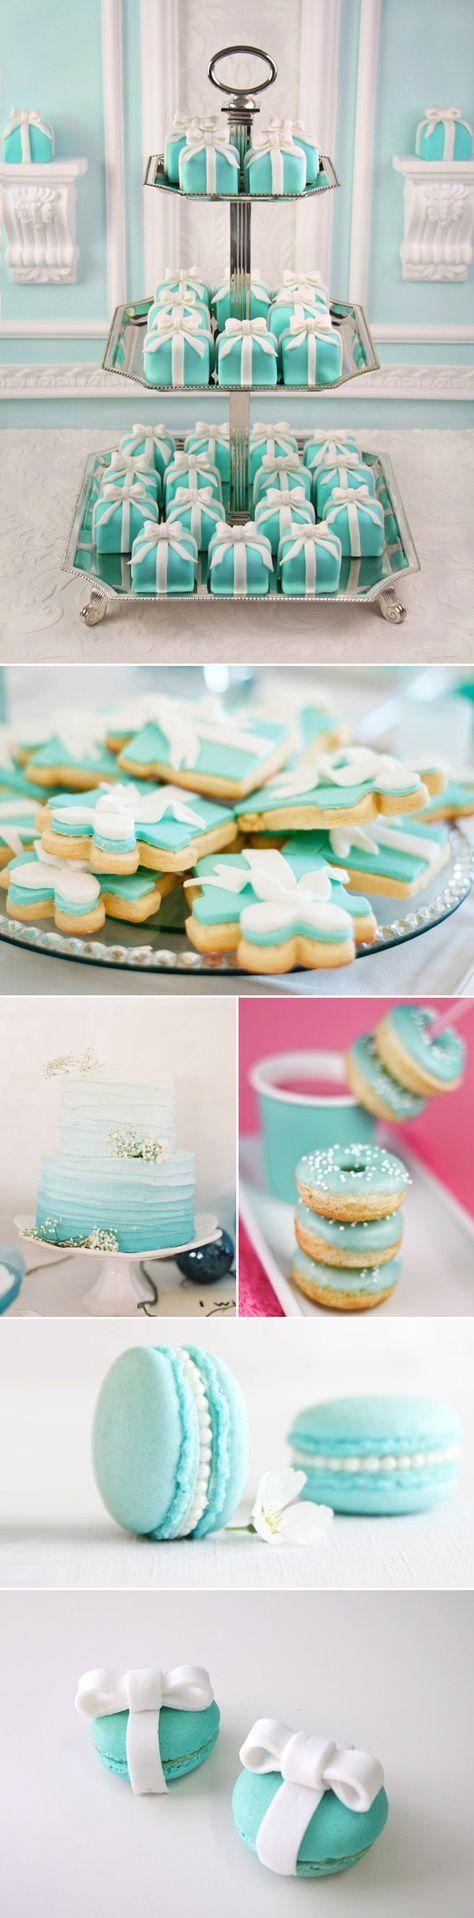 ♥♥♥ INSPIRAÇÃO: Mais ideias para casamento azul Tiffany Quando a gente vai falar em cores para decoração de casamento é quase que automático pensar nesse azul tão lindo que conquistou de vez o coraçã... http://www.casareumbarato.com.br/inspiracao-mais-ideias-para-casamento-azul-tiffany/